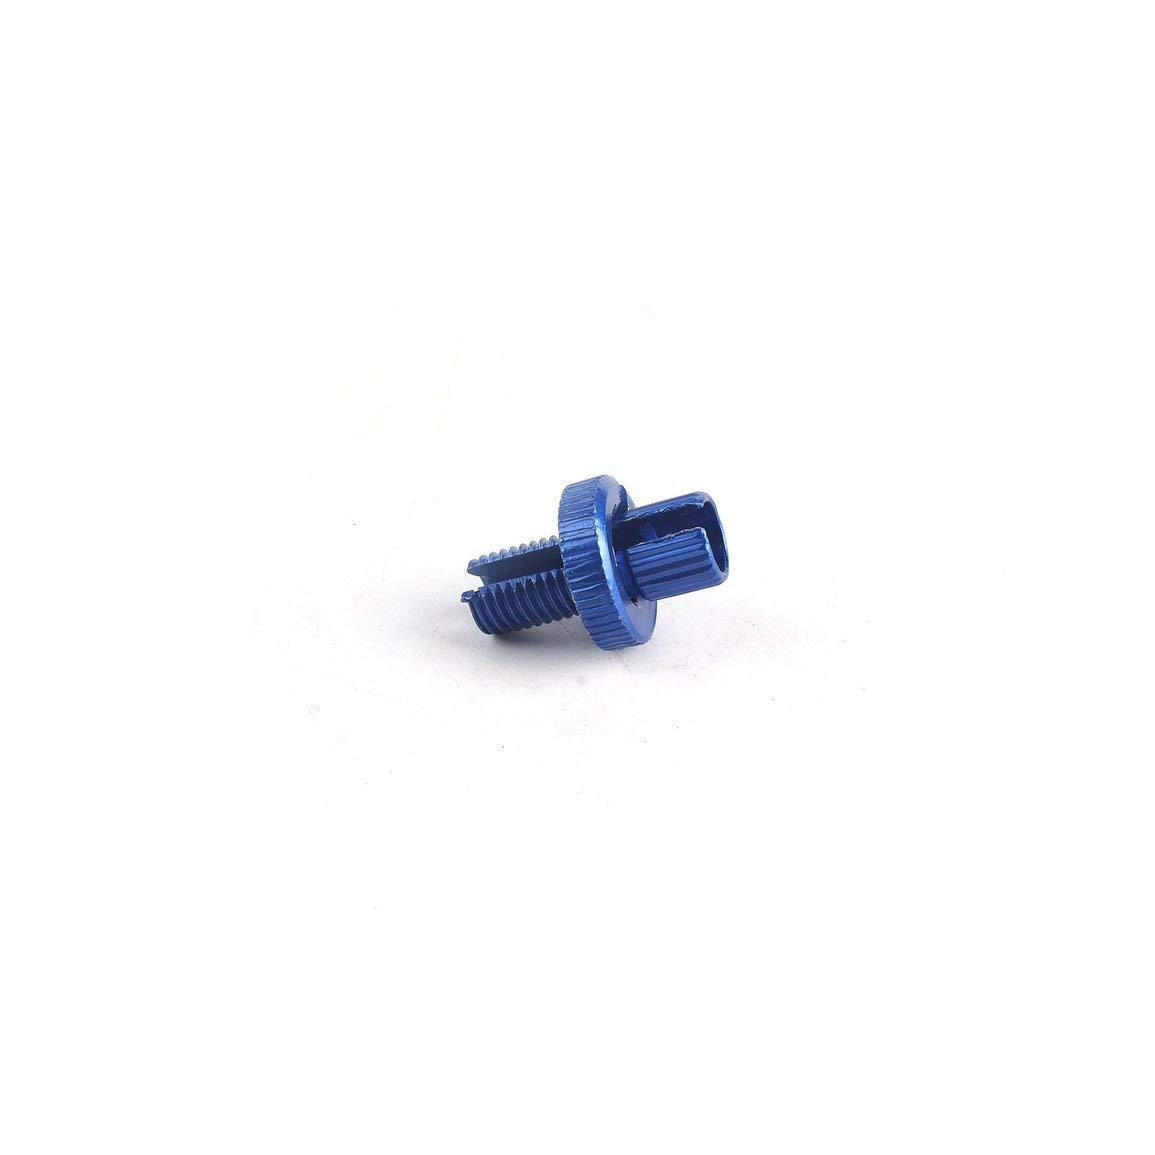 Farbe: blau Garciadia Fahrrad-Fahrrad-Motorrad 8mm Brems Zugeinsteller Bremskupplungshebel f/ür Motorrad Metric einstellen Gewindewerkzeug